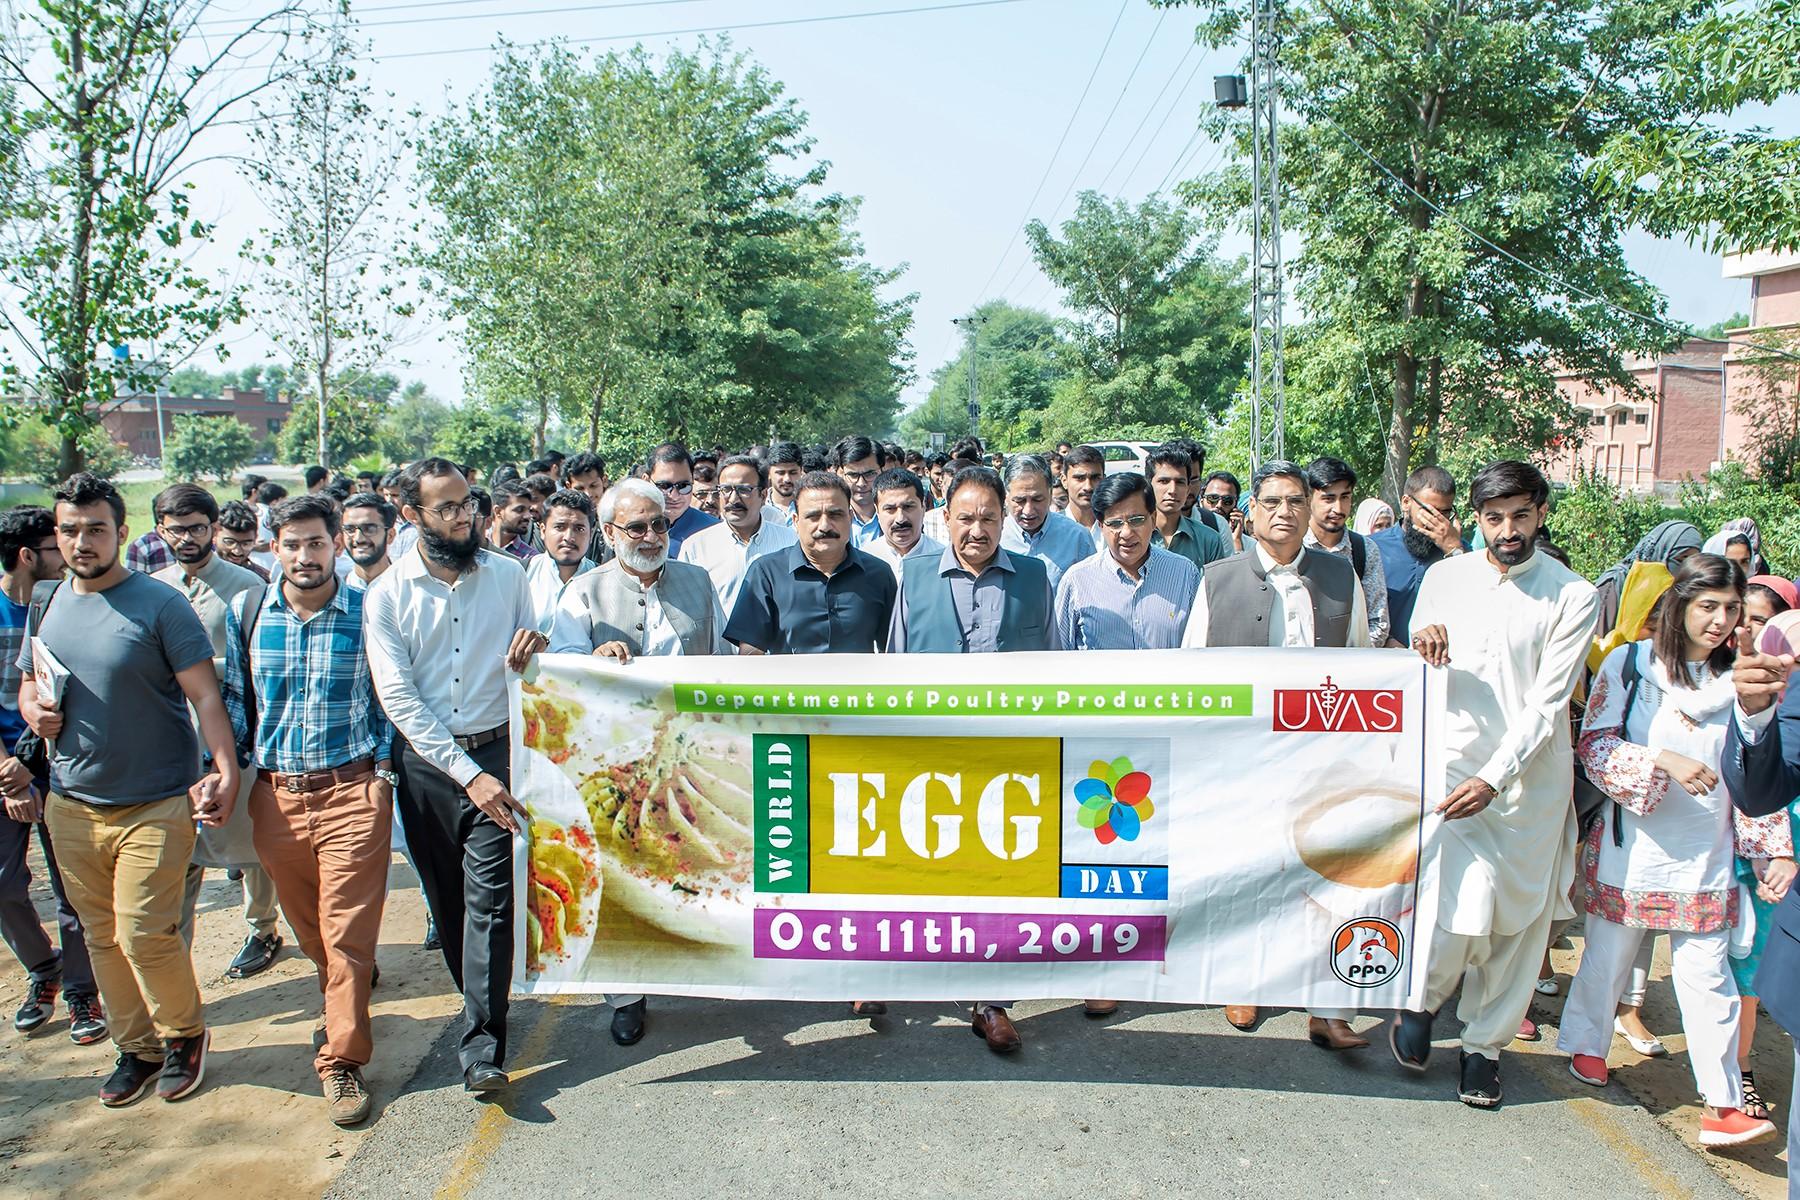 UVAS-World Egg Day